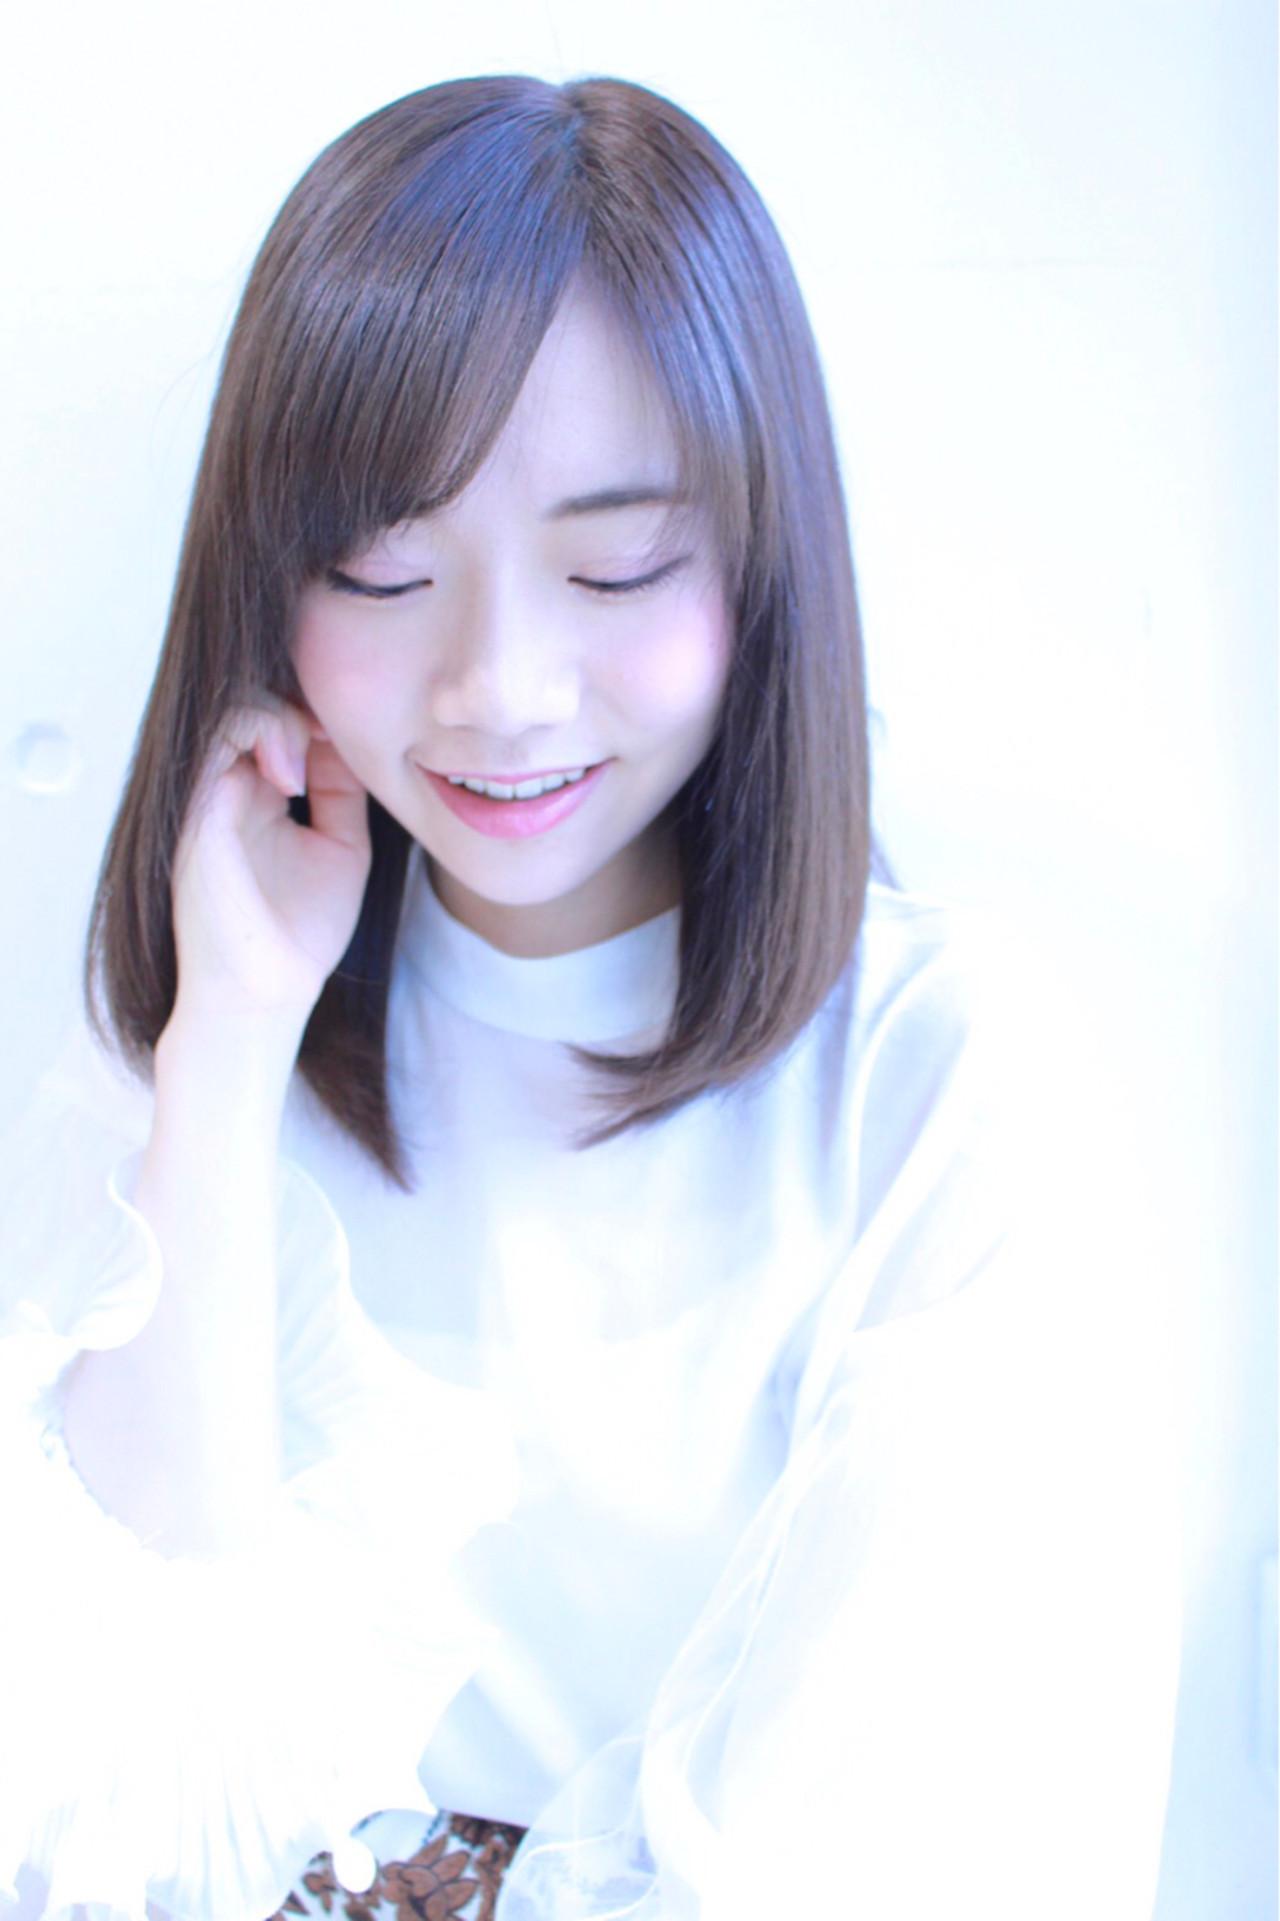 ミディアム 愛され リラックス オフィス ヘアスタイルや髪型の写真・画像 | risa /